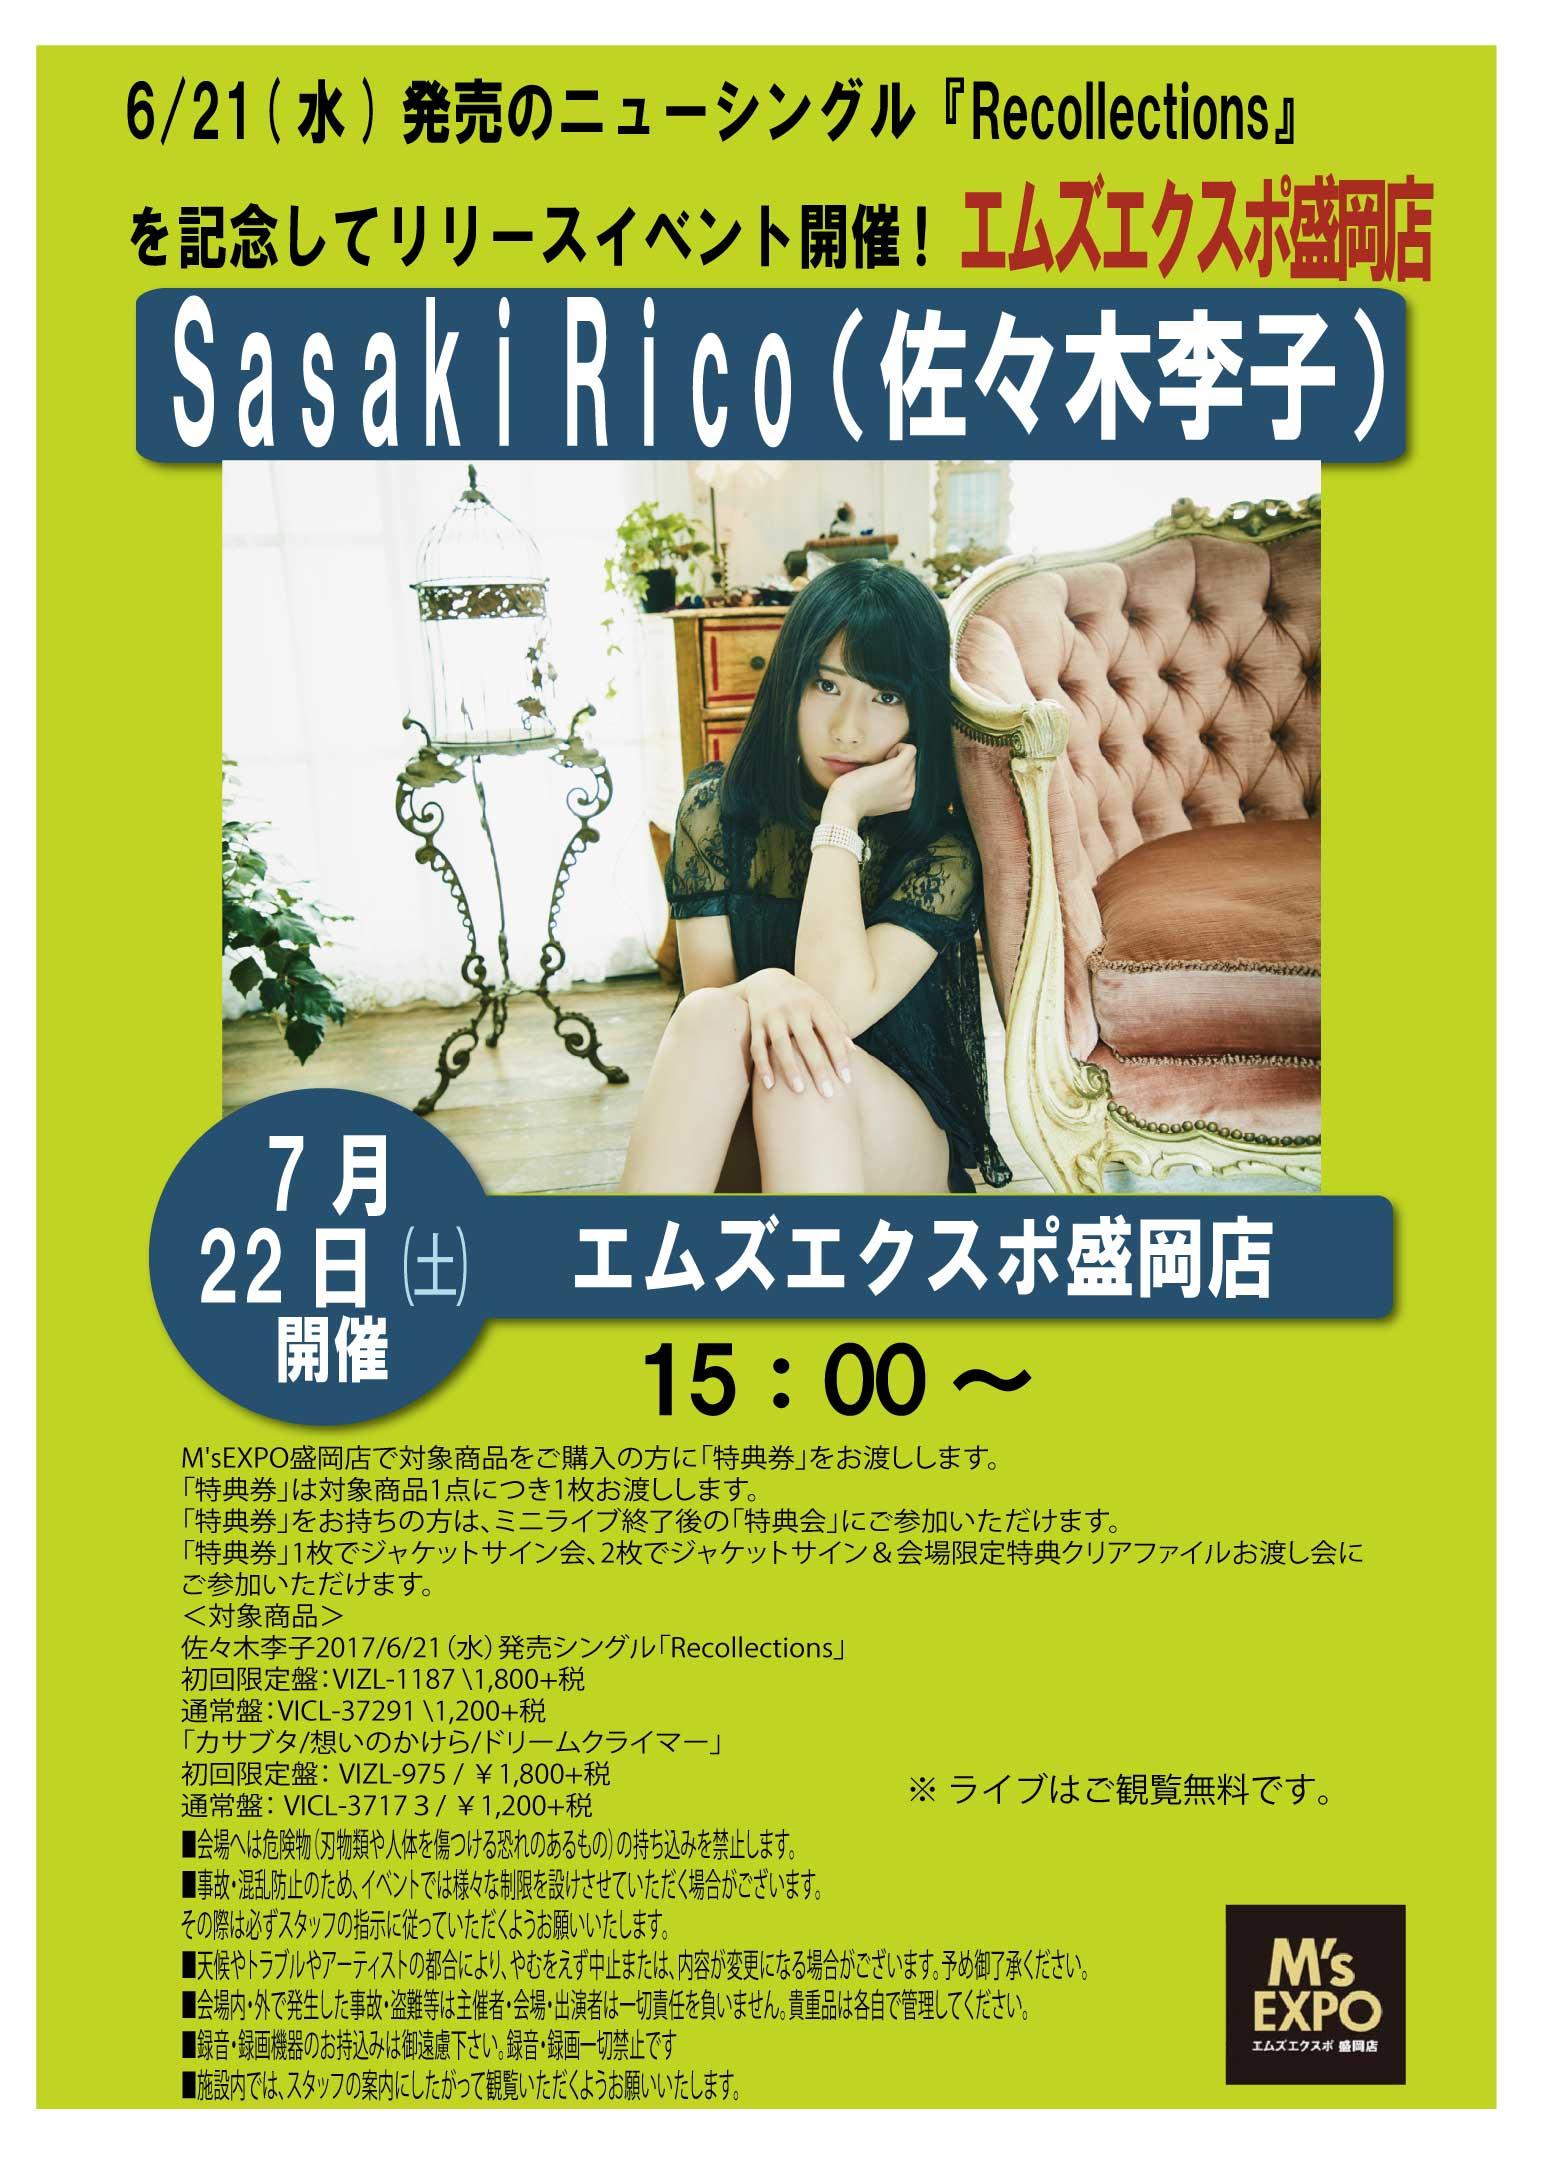 Sasaki Rico(佐々木李子)インストアライブ開催決定!!